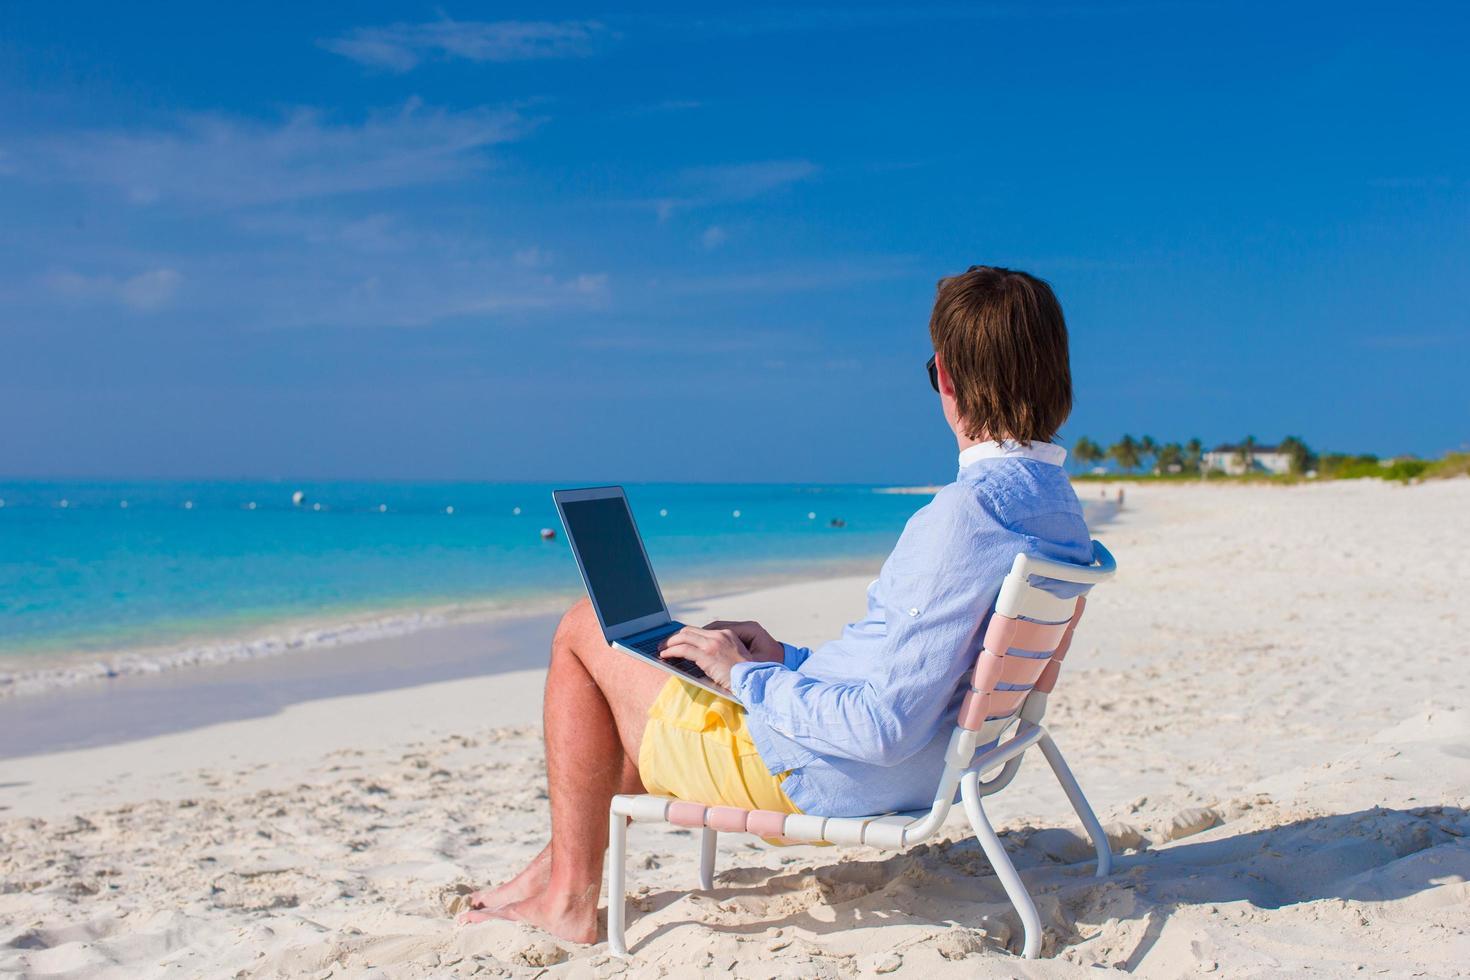 uomo che utilizza un computer portatile su una spiaggia tropicale foto